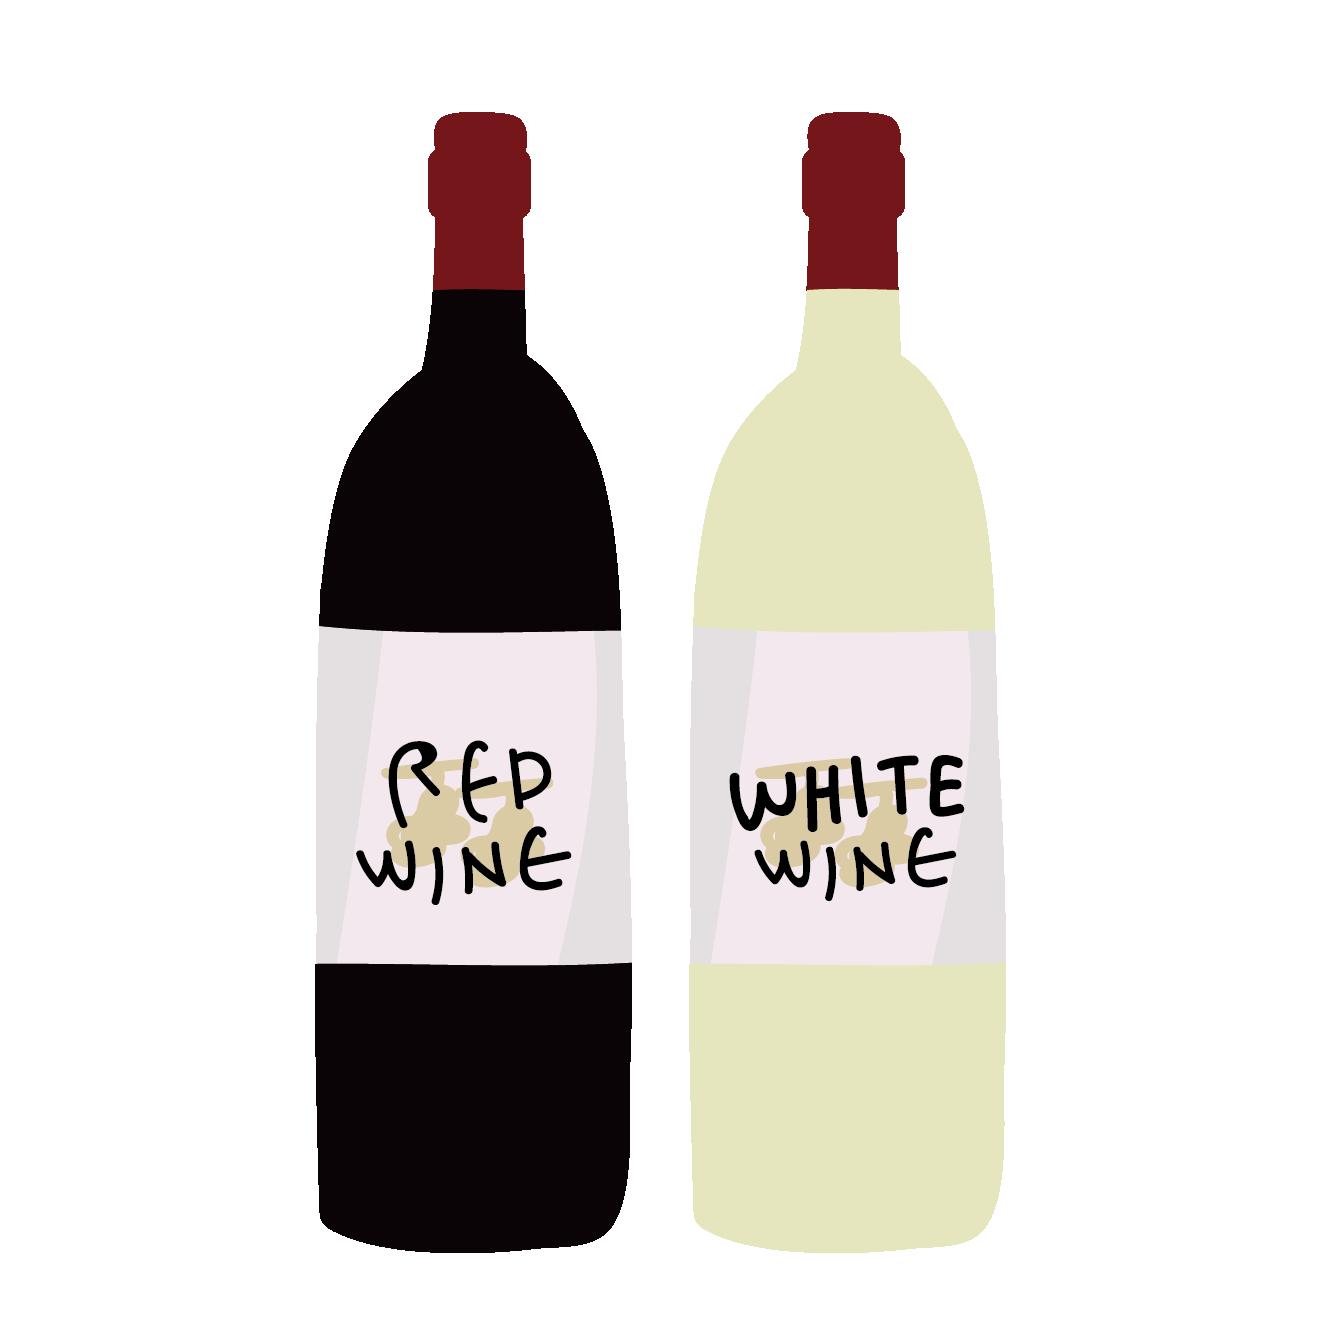 赤ワインと白ワインのイラスト! | 商用フリー(無料)のイラスト素材なら